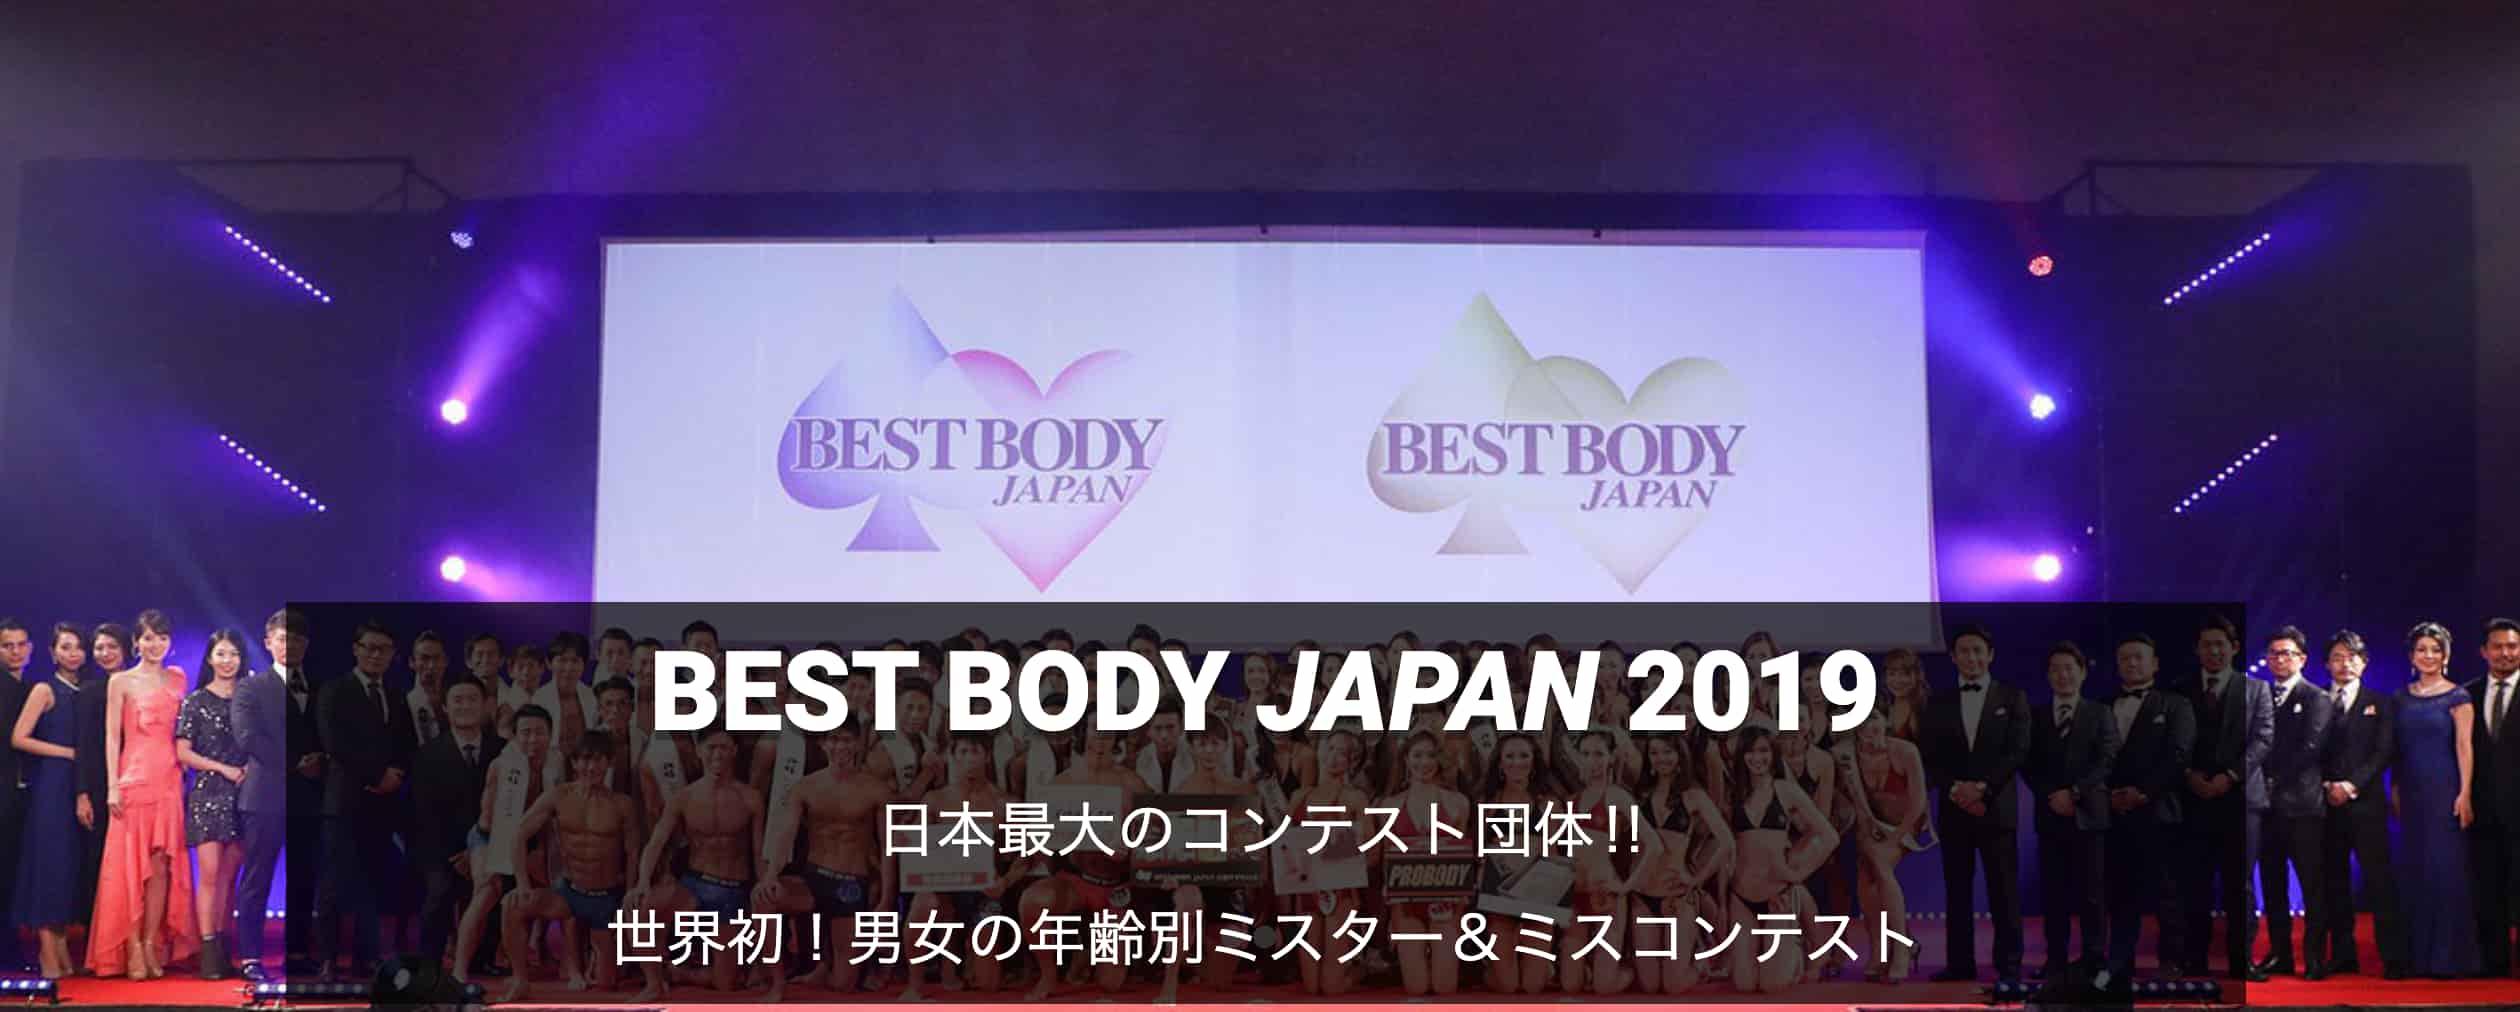 BBJ:ベストボディジャパン